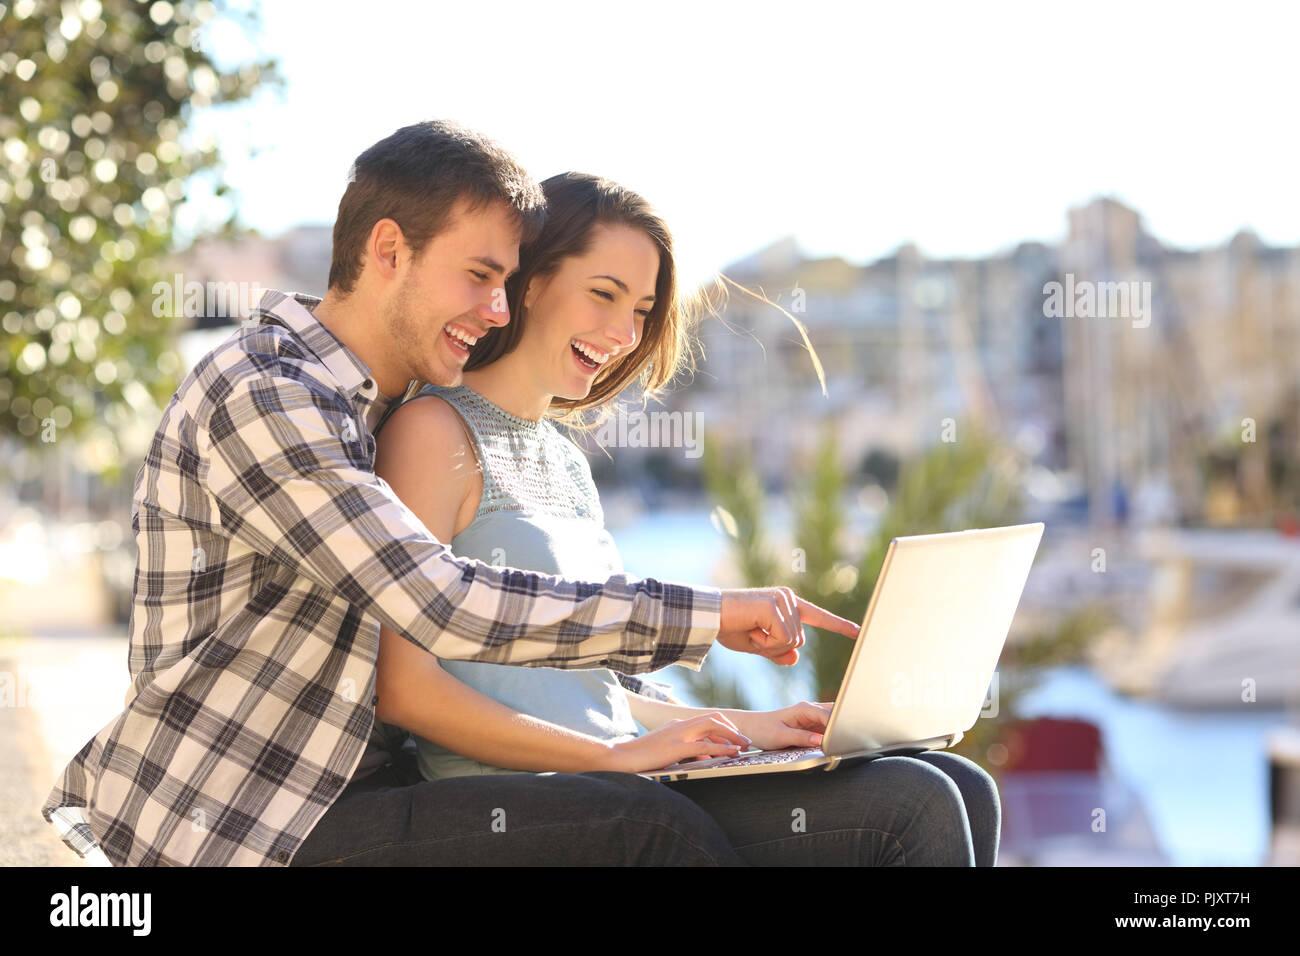 Coppia felice utilizza un laptop seduto in una porta su vacanze estive Immagini Stock